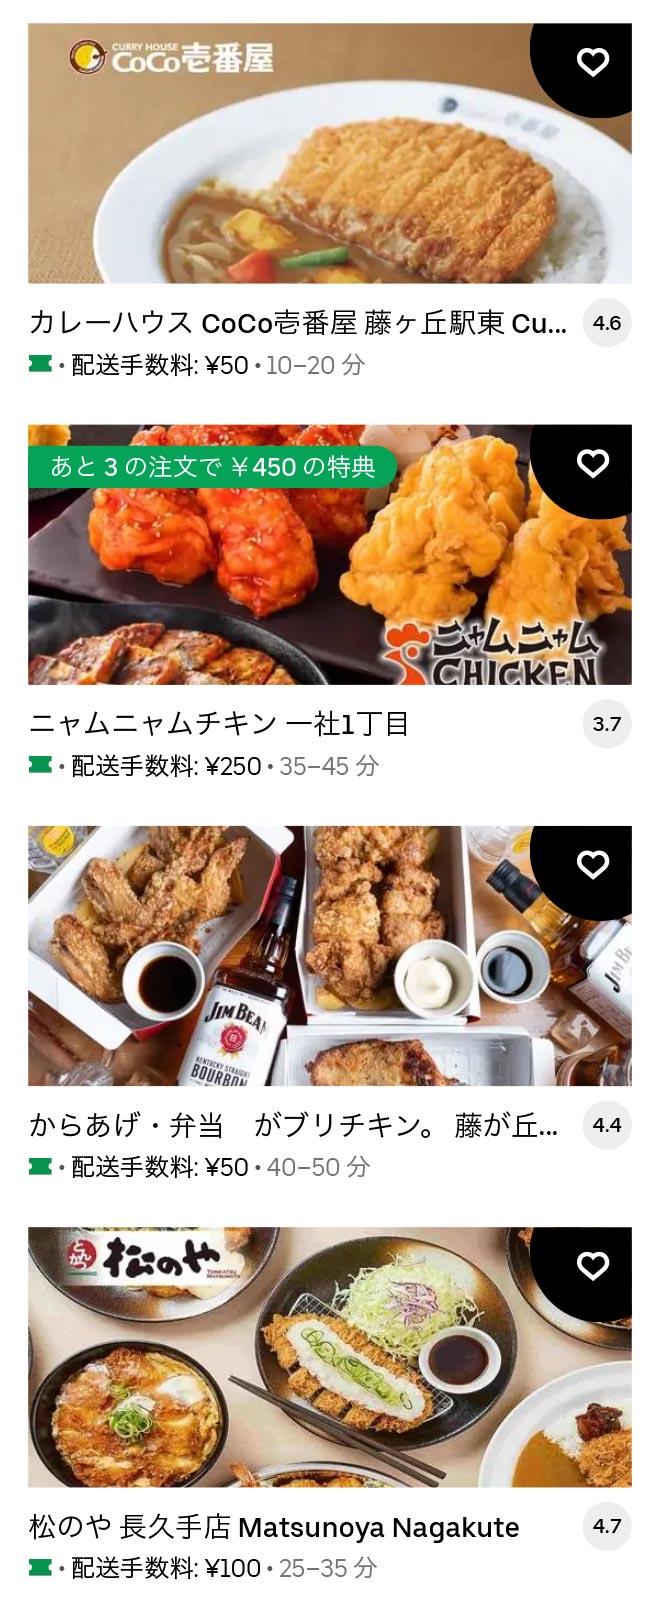 U fujigaoka 2105 04